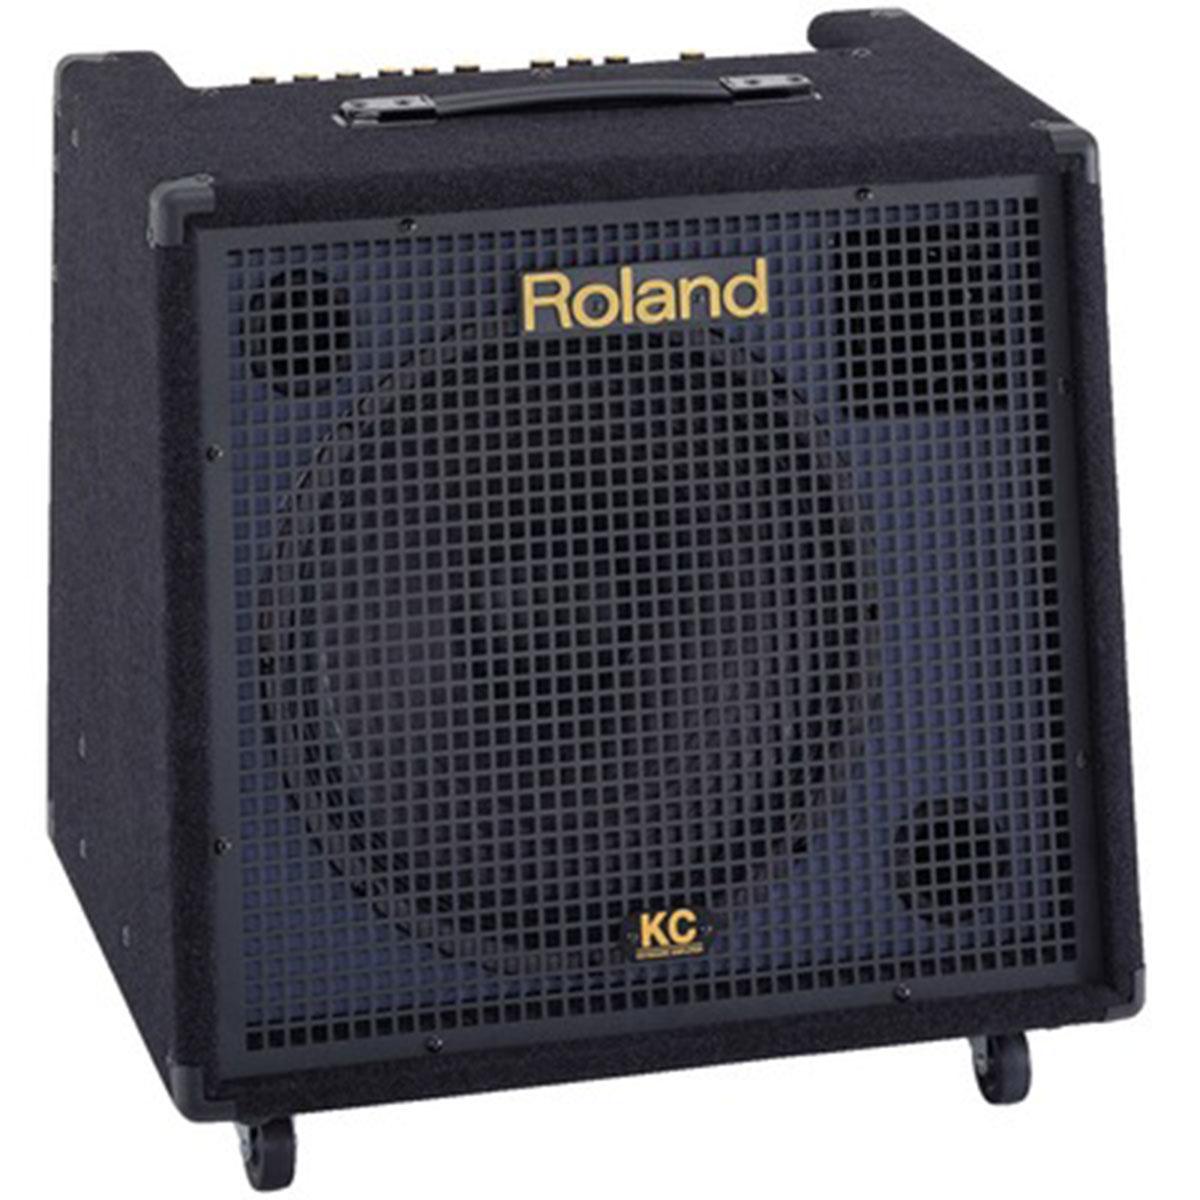 Roland - KC-550 Ampli clavier 180W